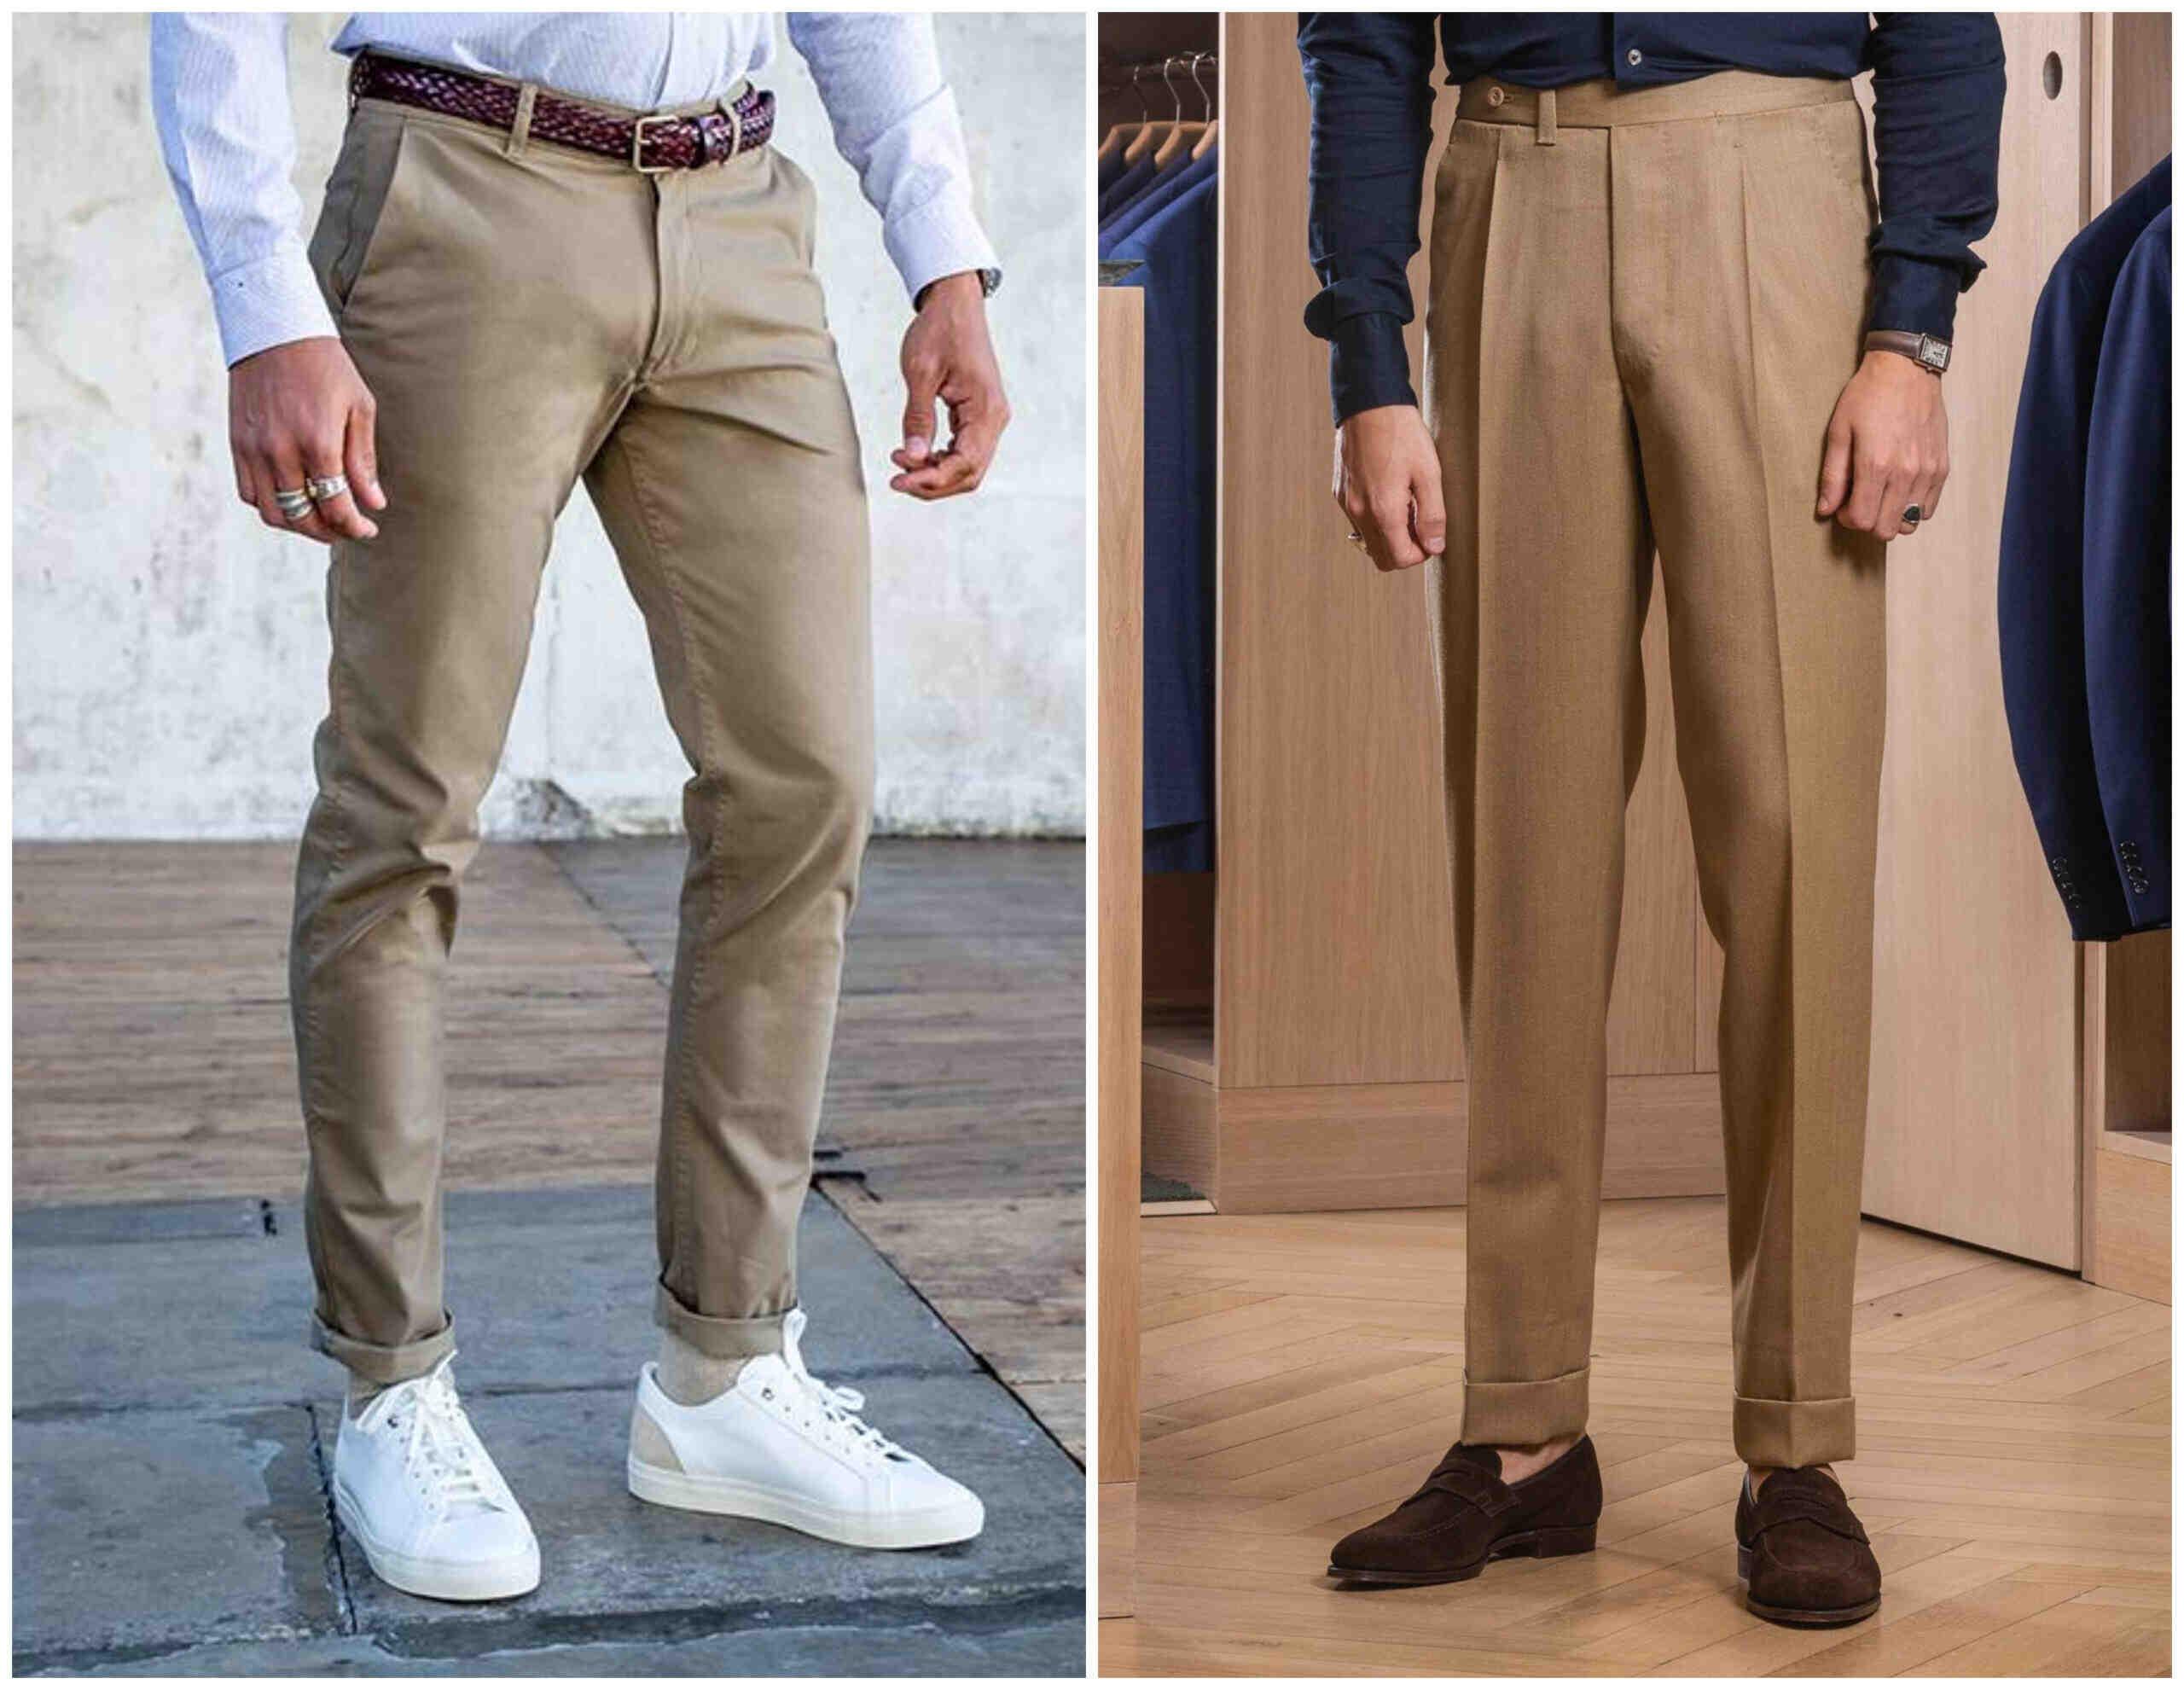 Comment réduire la largeur de la jambe du pantalon ?